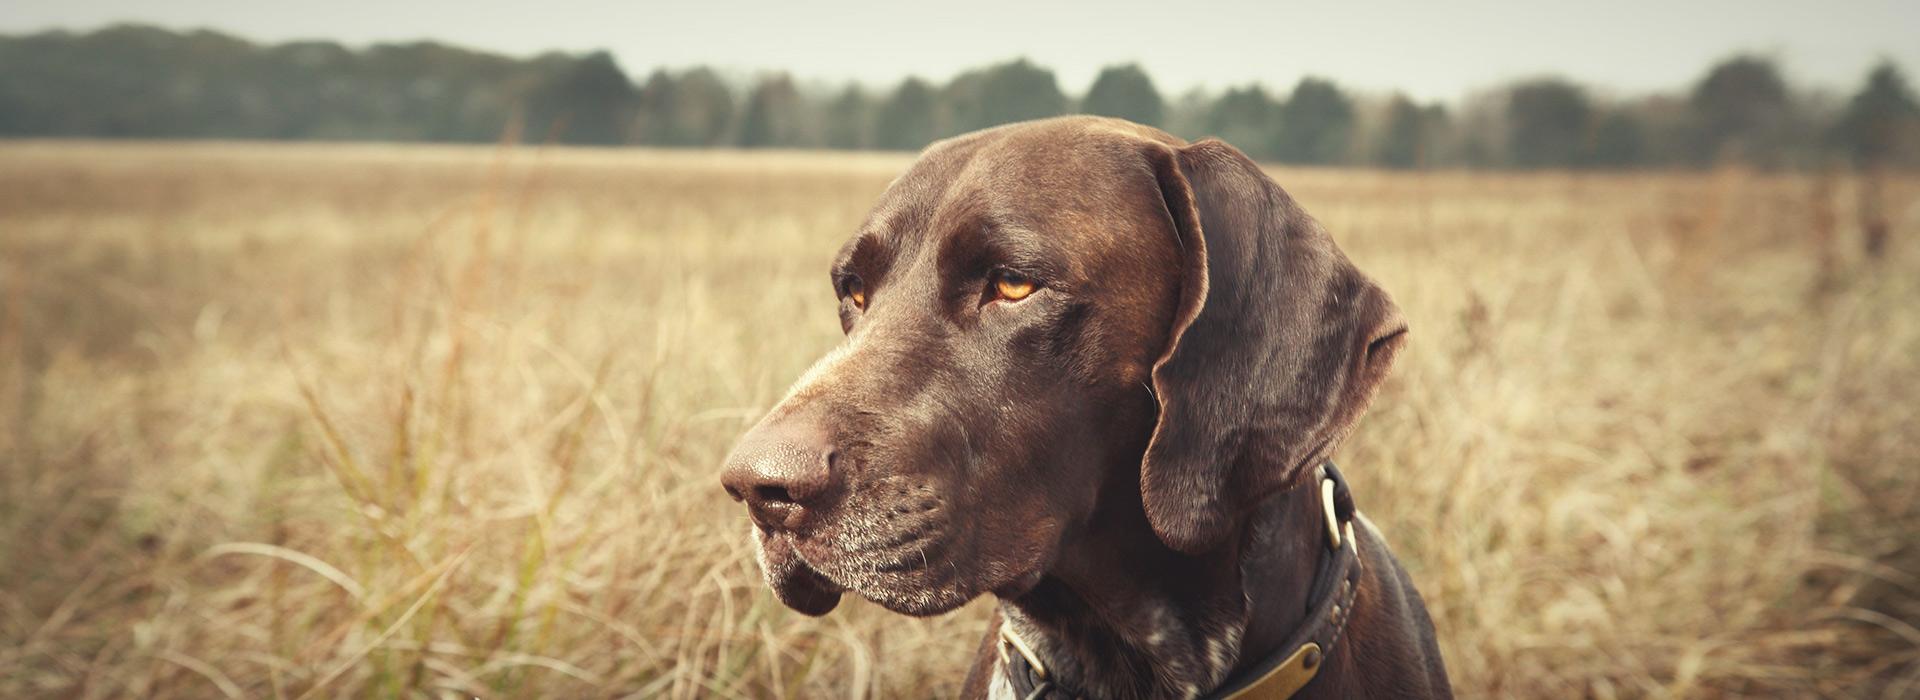 Εισαγγελική παρέμβαση για το «κολαστήριο» σκύλων στο Ηράκλειο